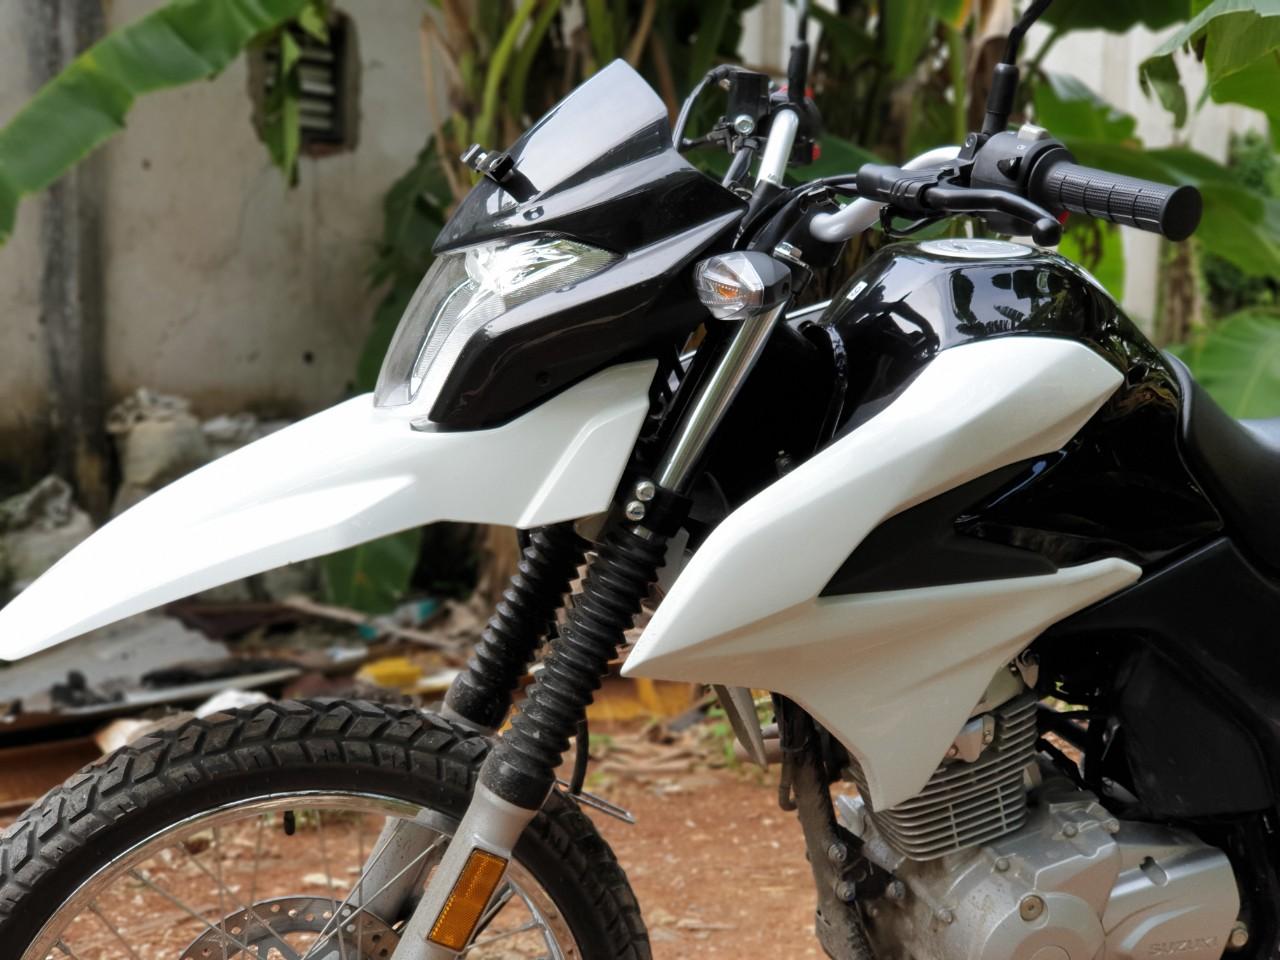 Penampakan Suzuki DR 150, Calon Motor Dual Purpose untuk Indonesia